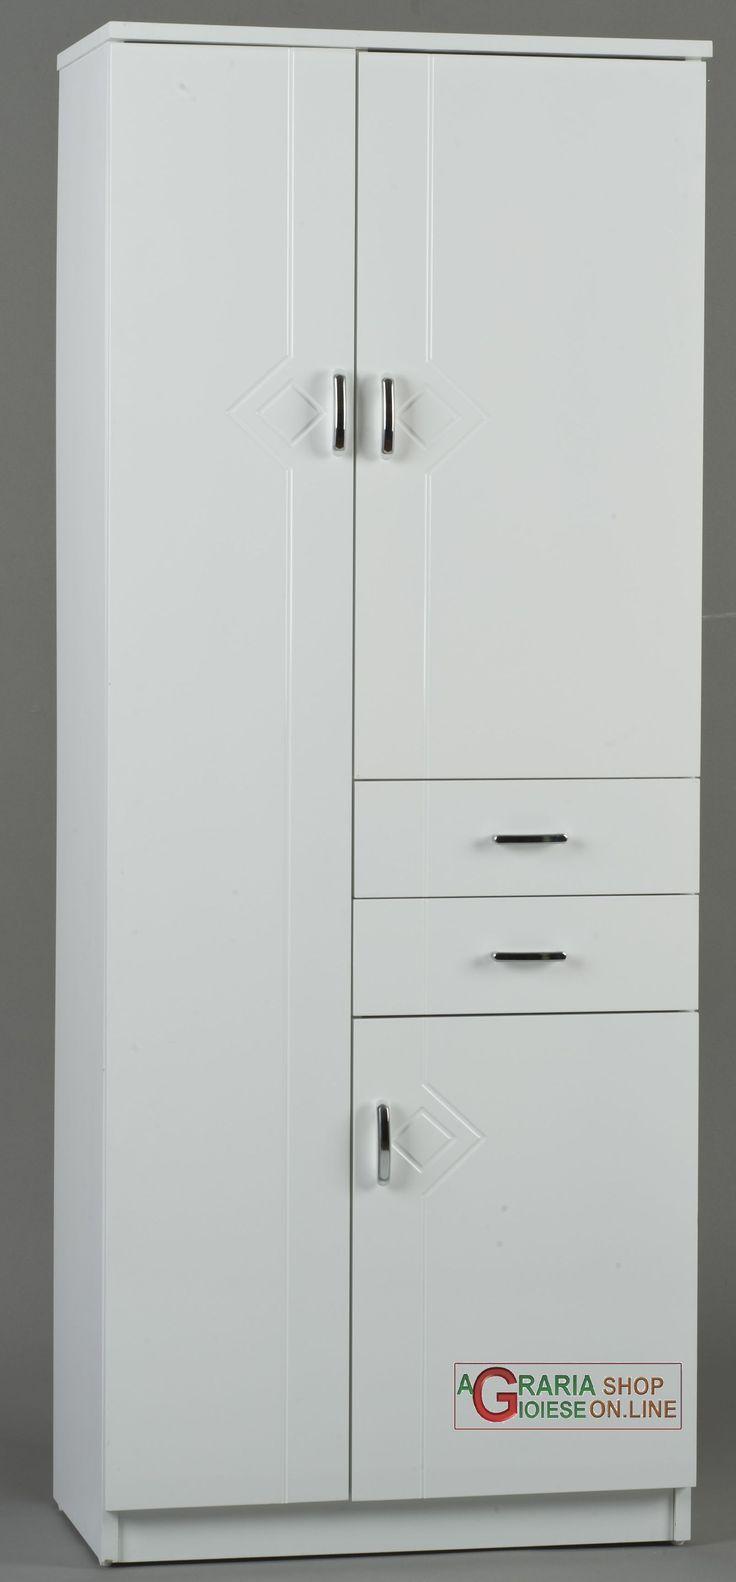 Oltre 25 fantastiche idee su cassetti del bagno su pinterest organizzazione cassettiera del - Mobile cassetti ...